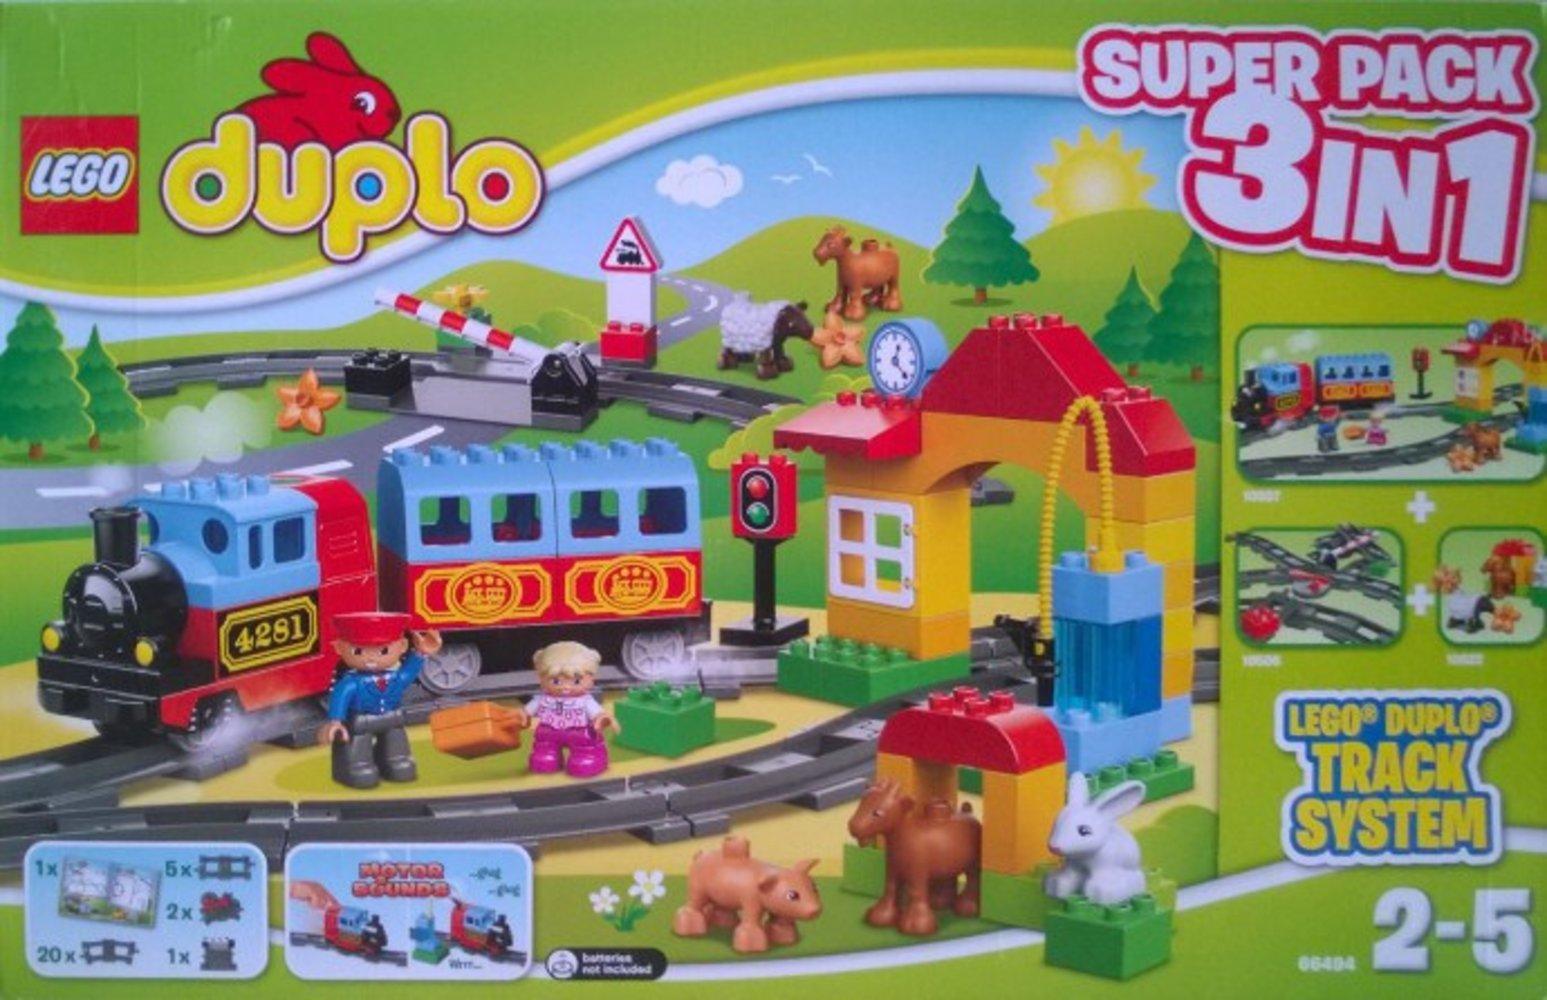 Duplo Super Pack 3 in 1